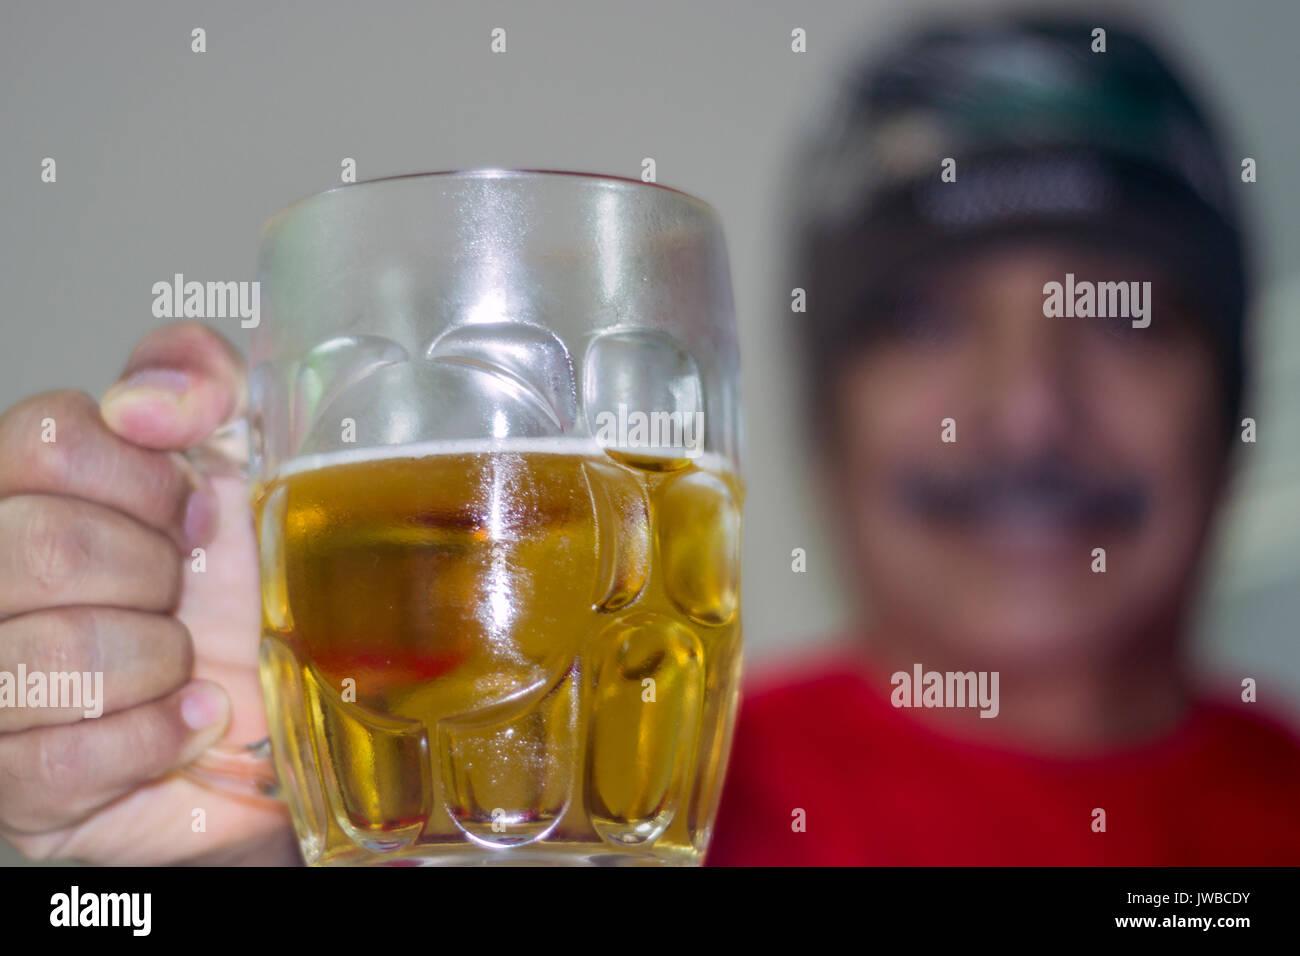 Vaso de cerveza en primer plano, un hombre desenfocado atras, empuñando el vaso, saludando y sonriendo, toma - Stock Image